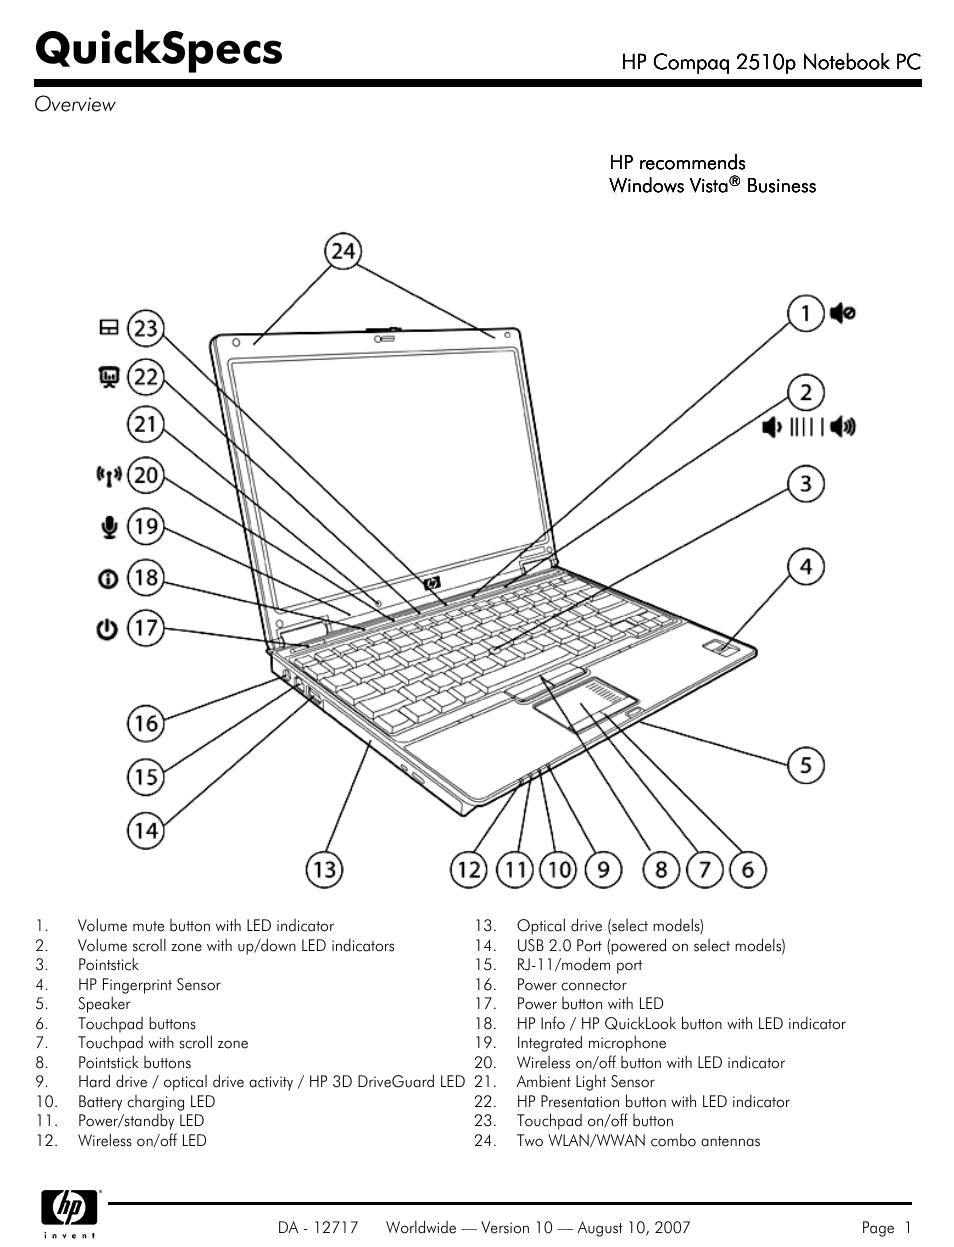 compaq 2510p user manual